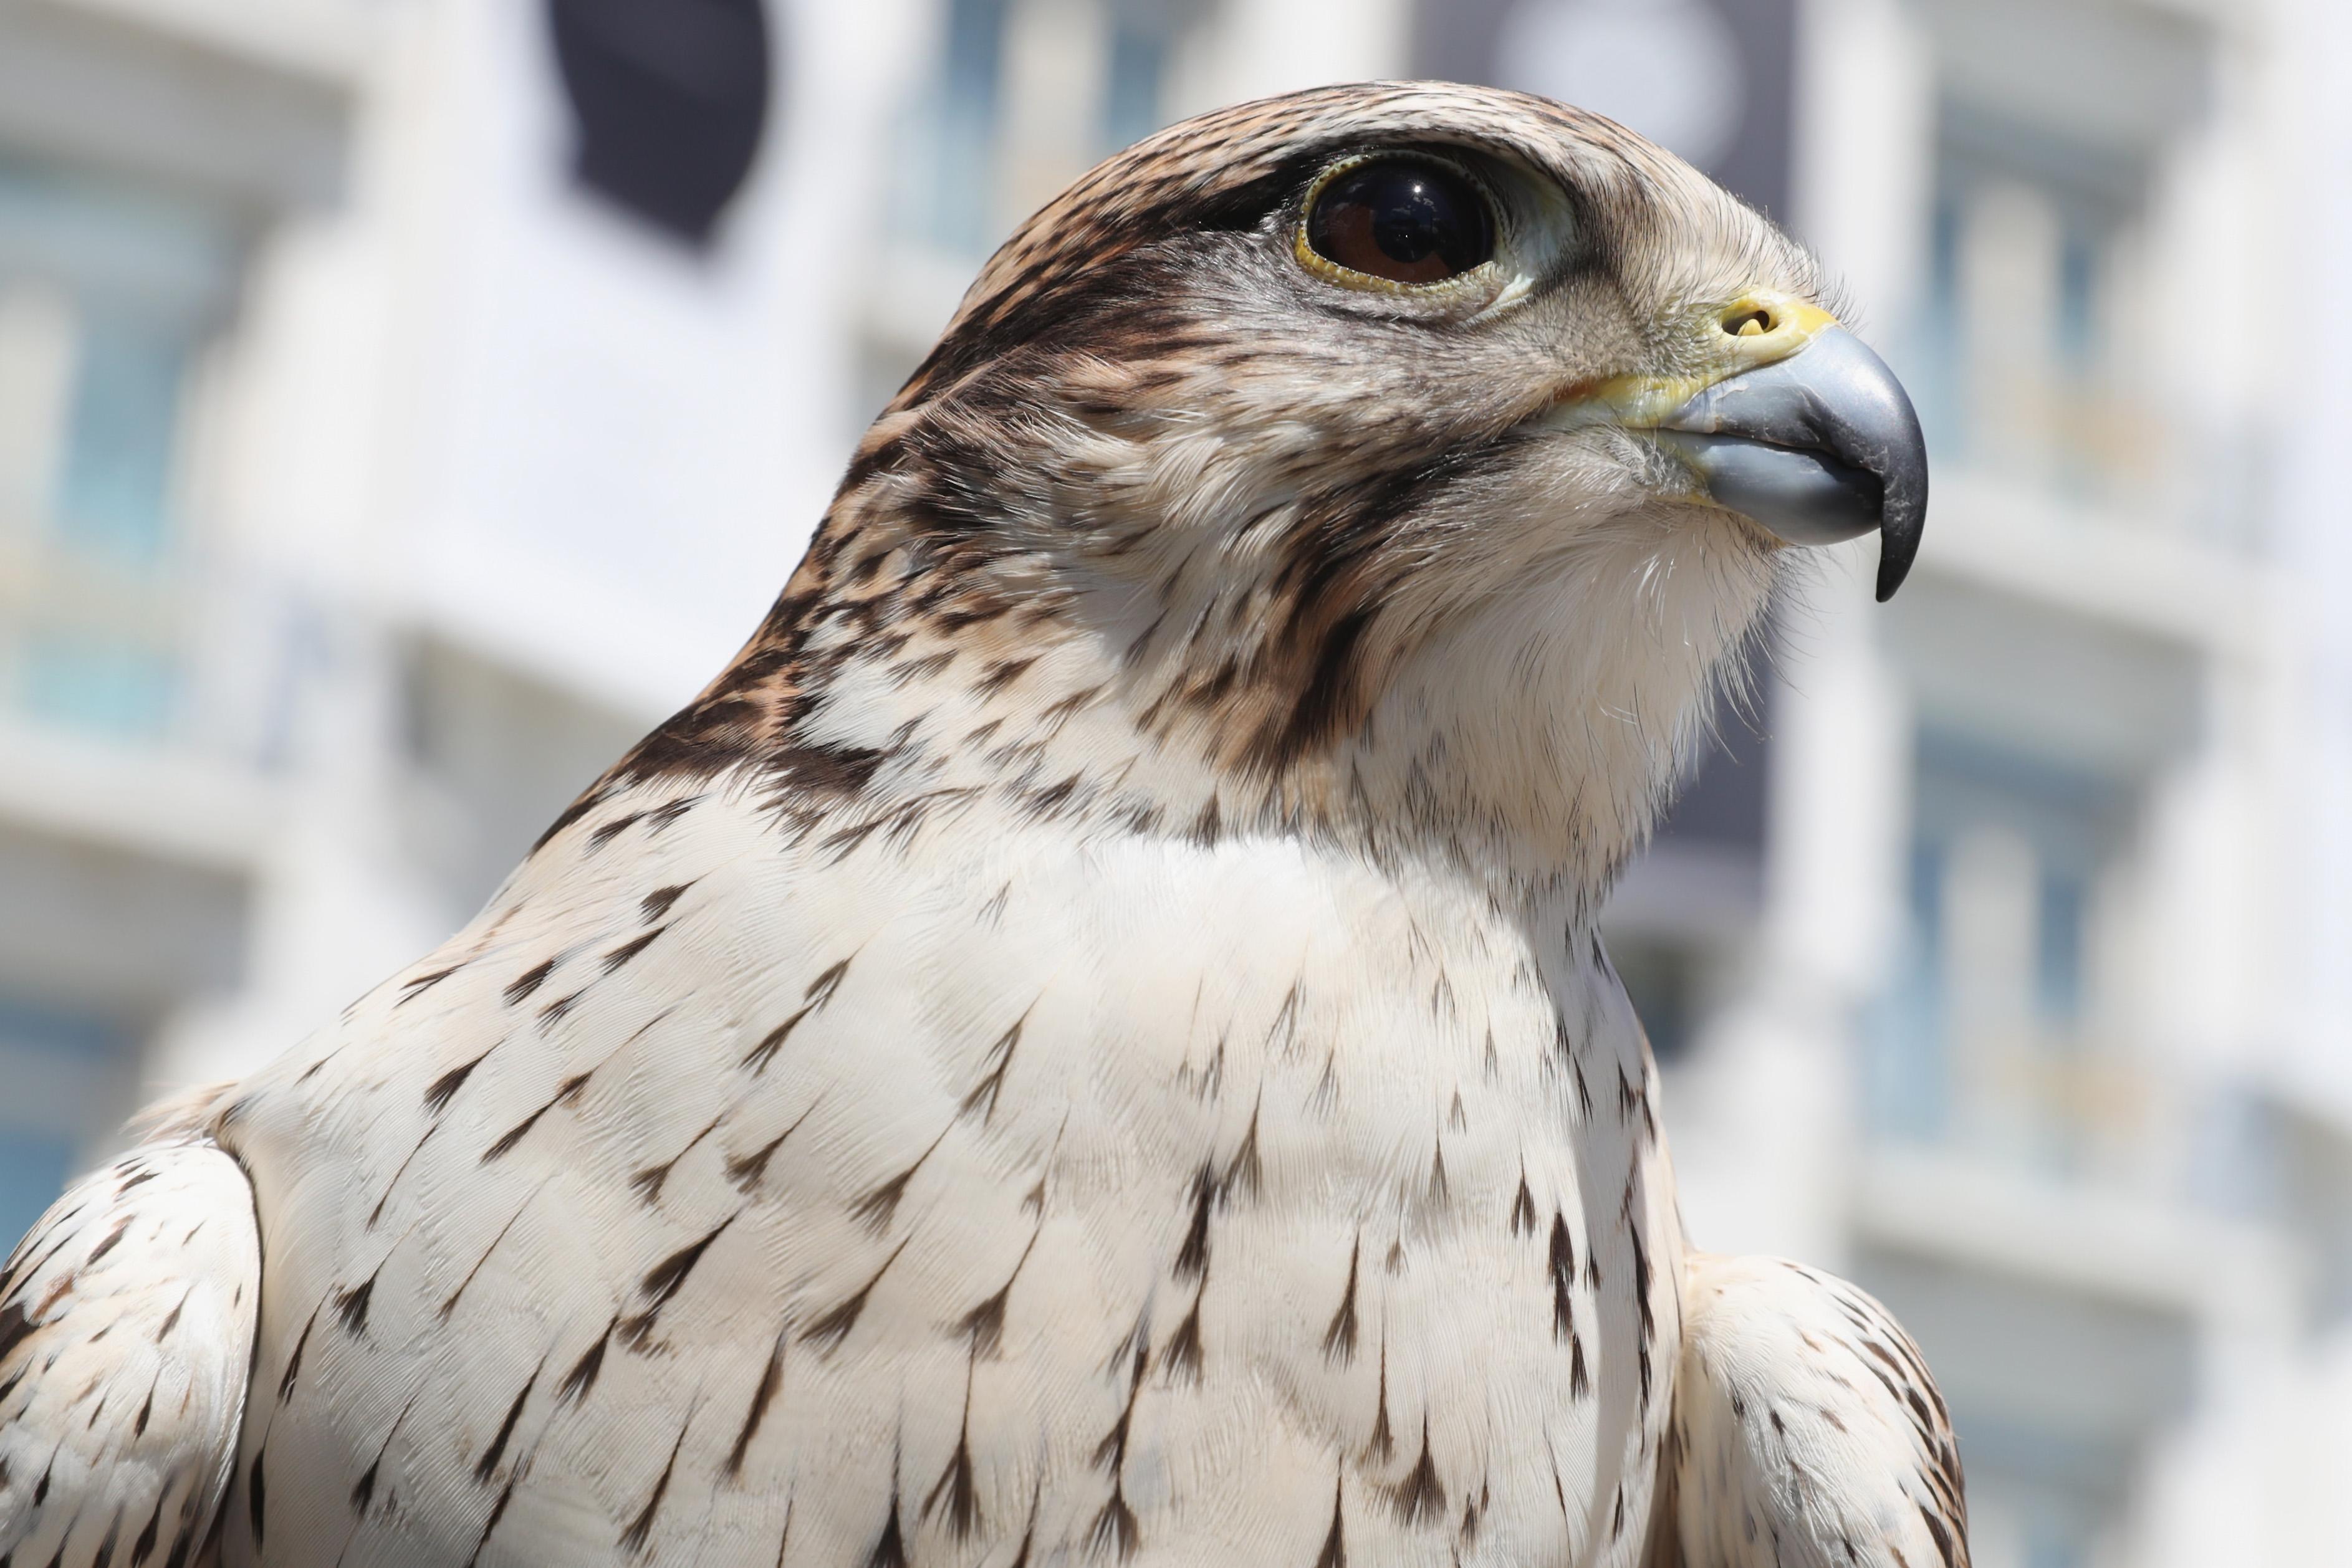 What a majestic falcon.